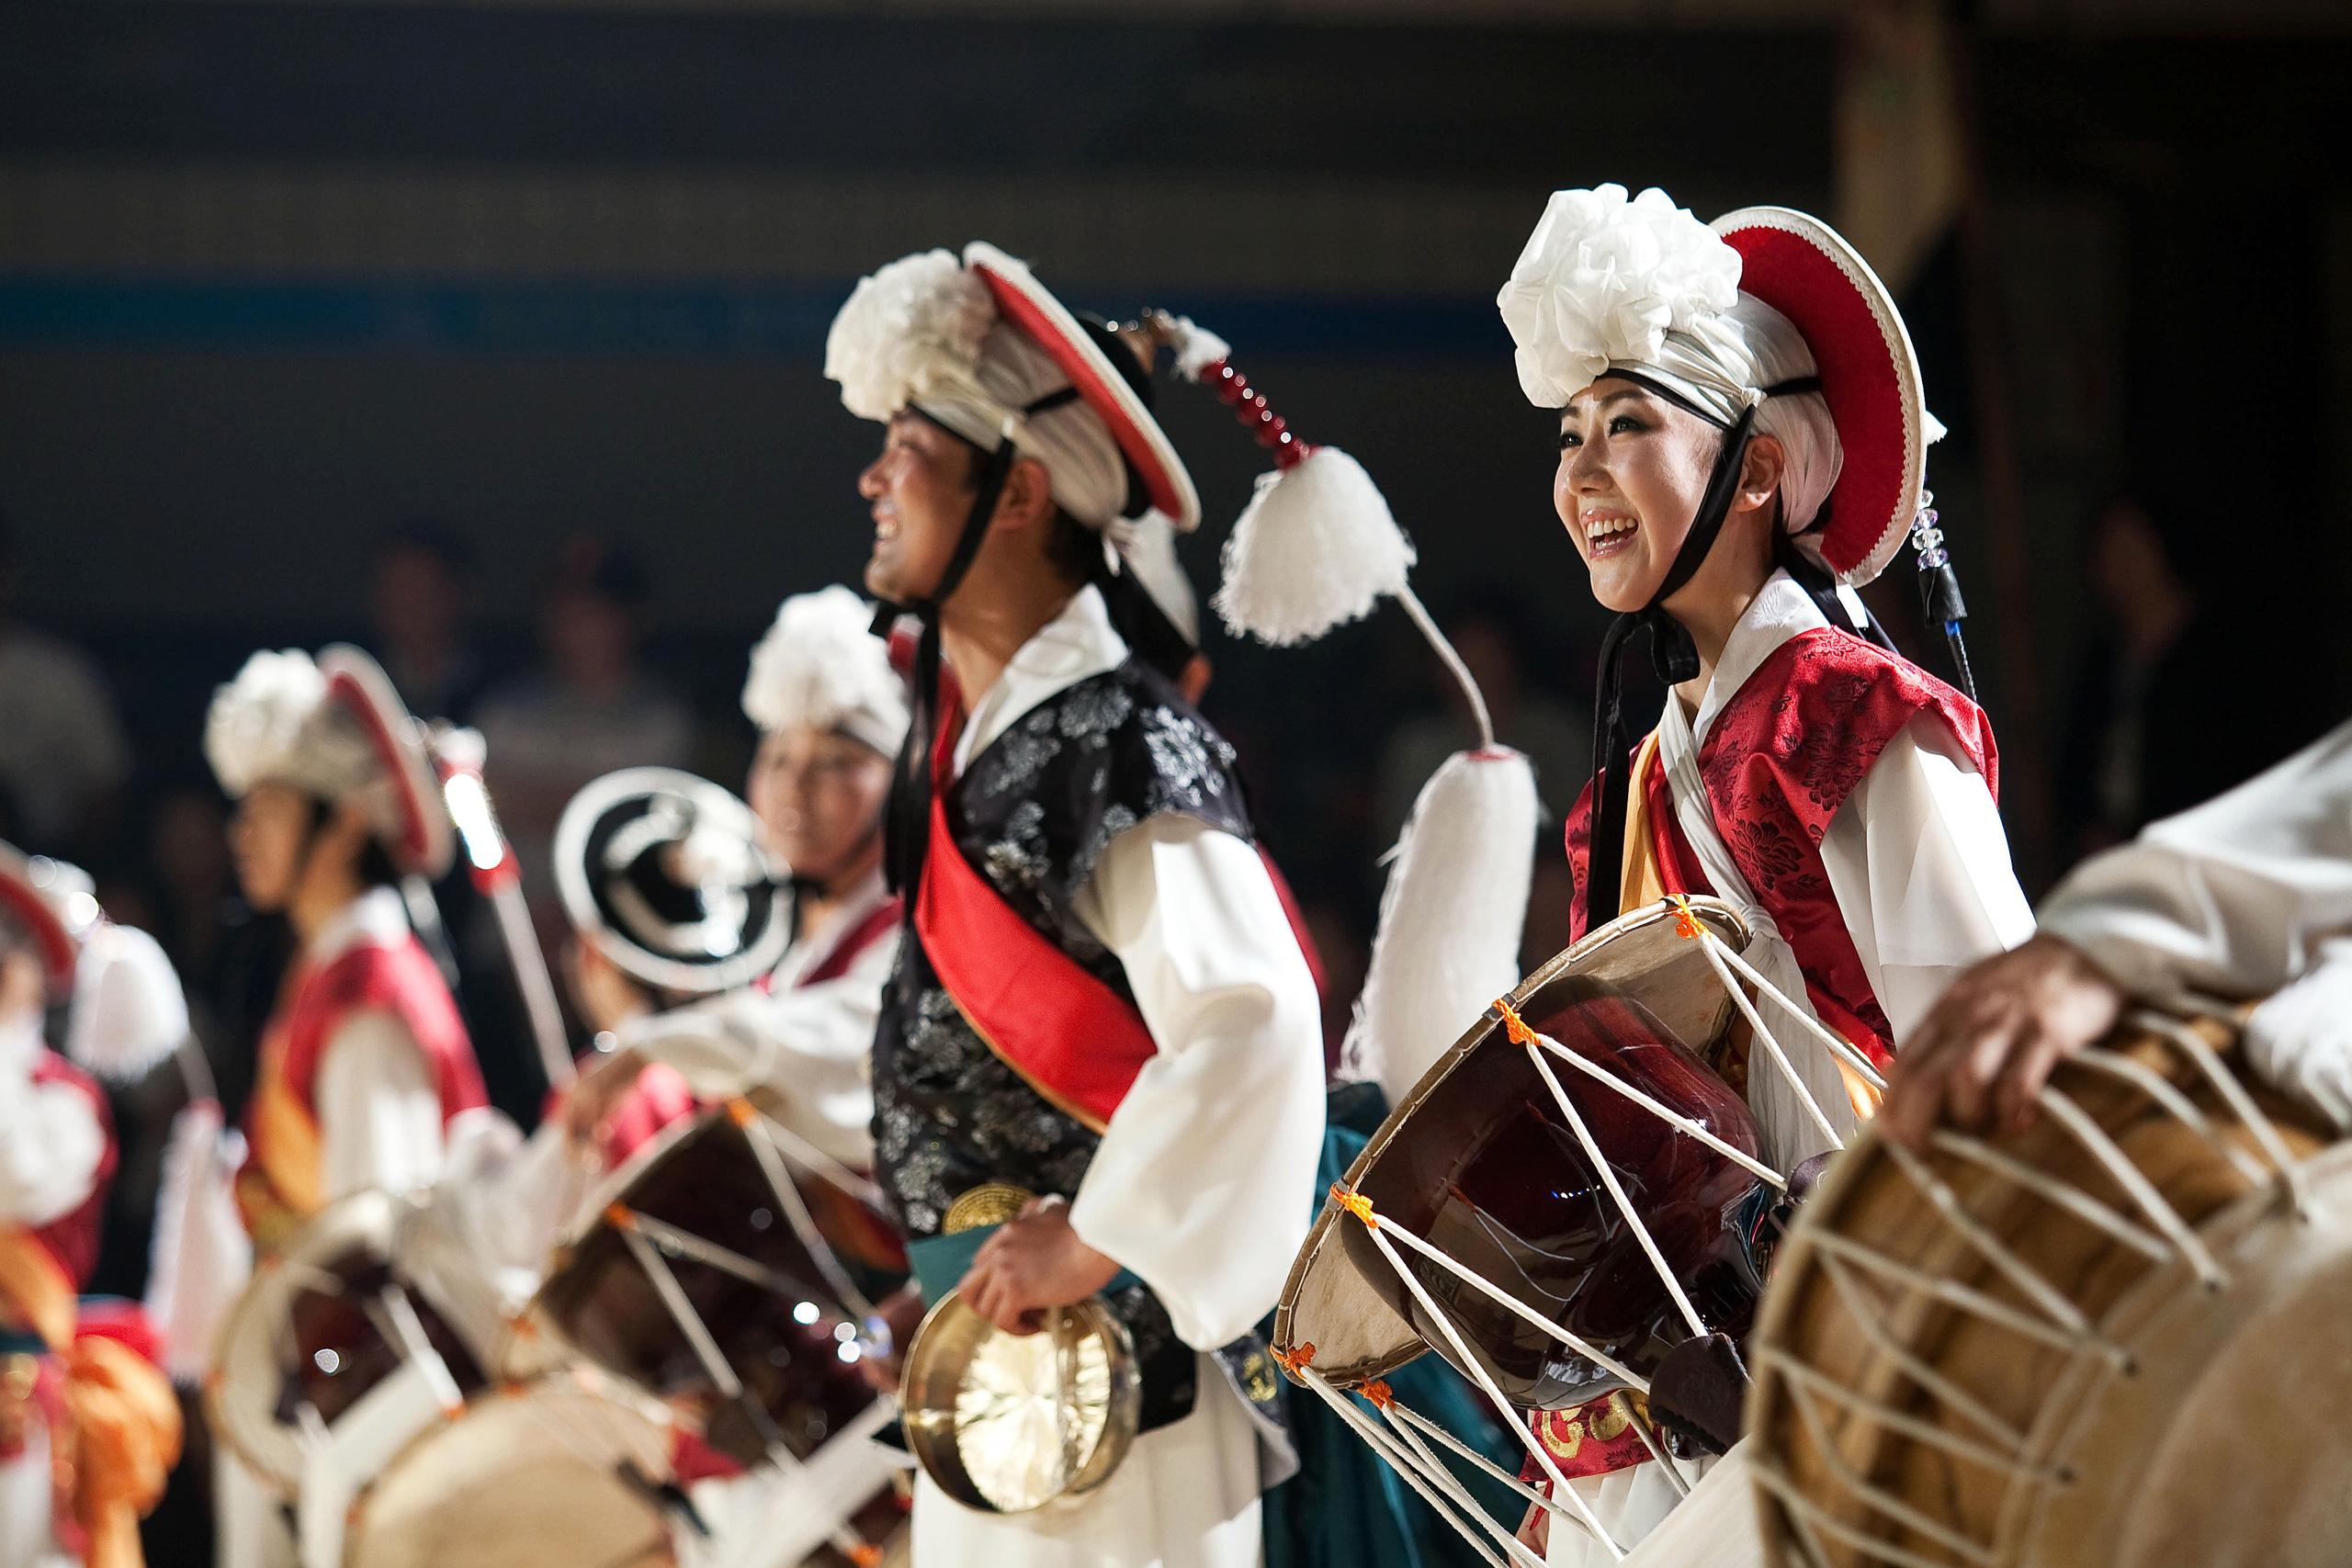 Hàn Quốc tăng cường quảng bá du lịch chuẩn bị mở cửa du lịch quốc tế  - Ảnh 3.